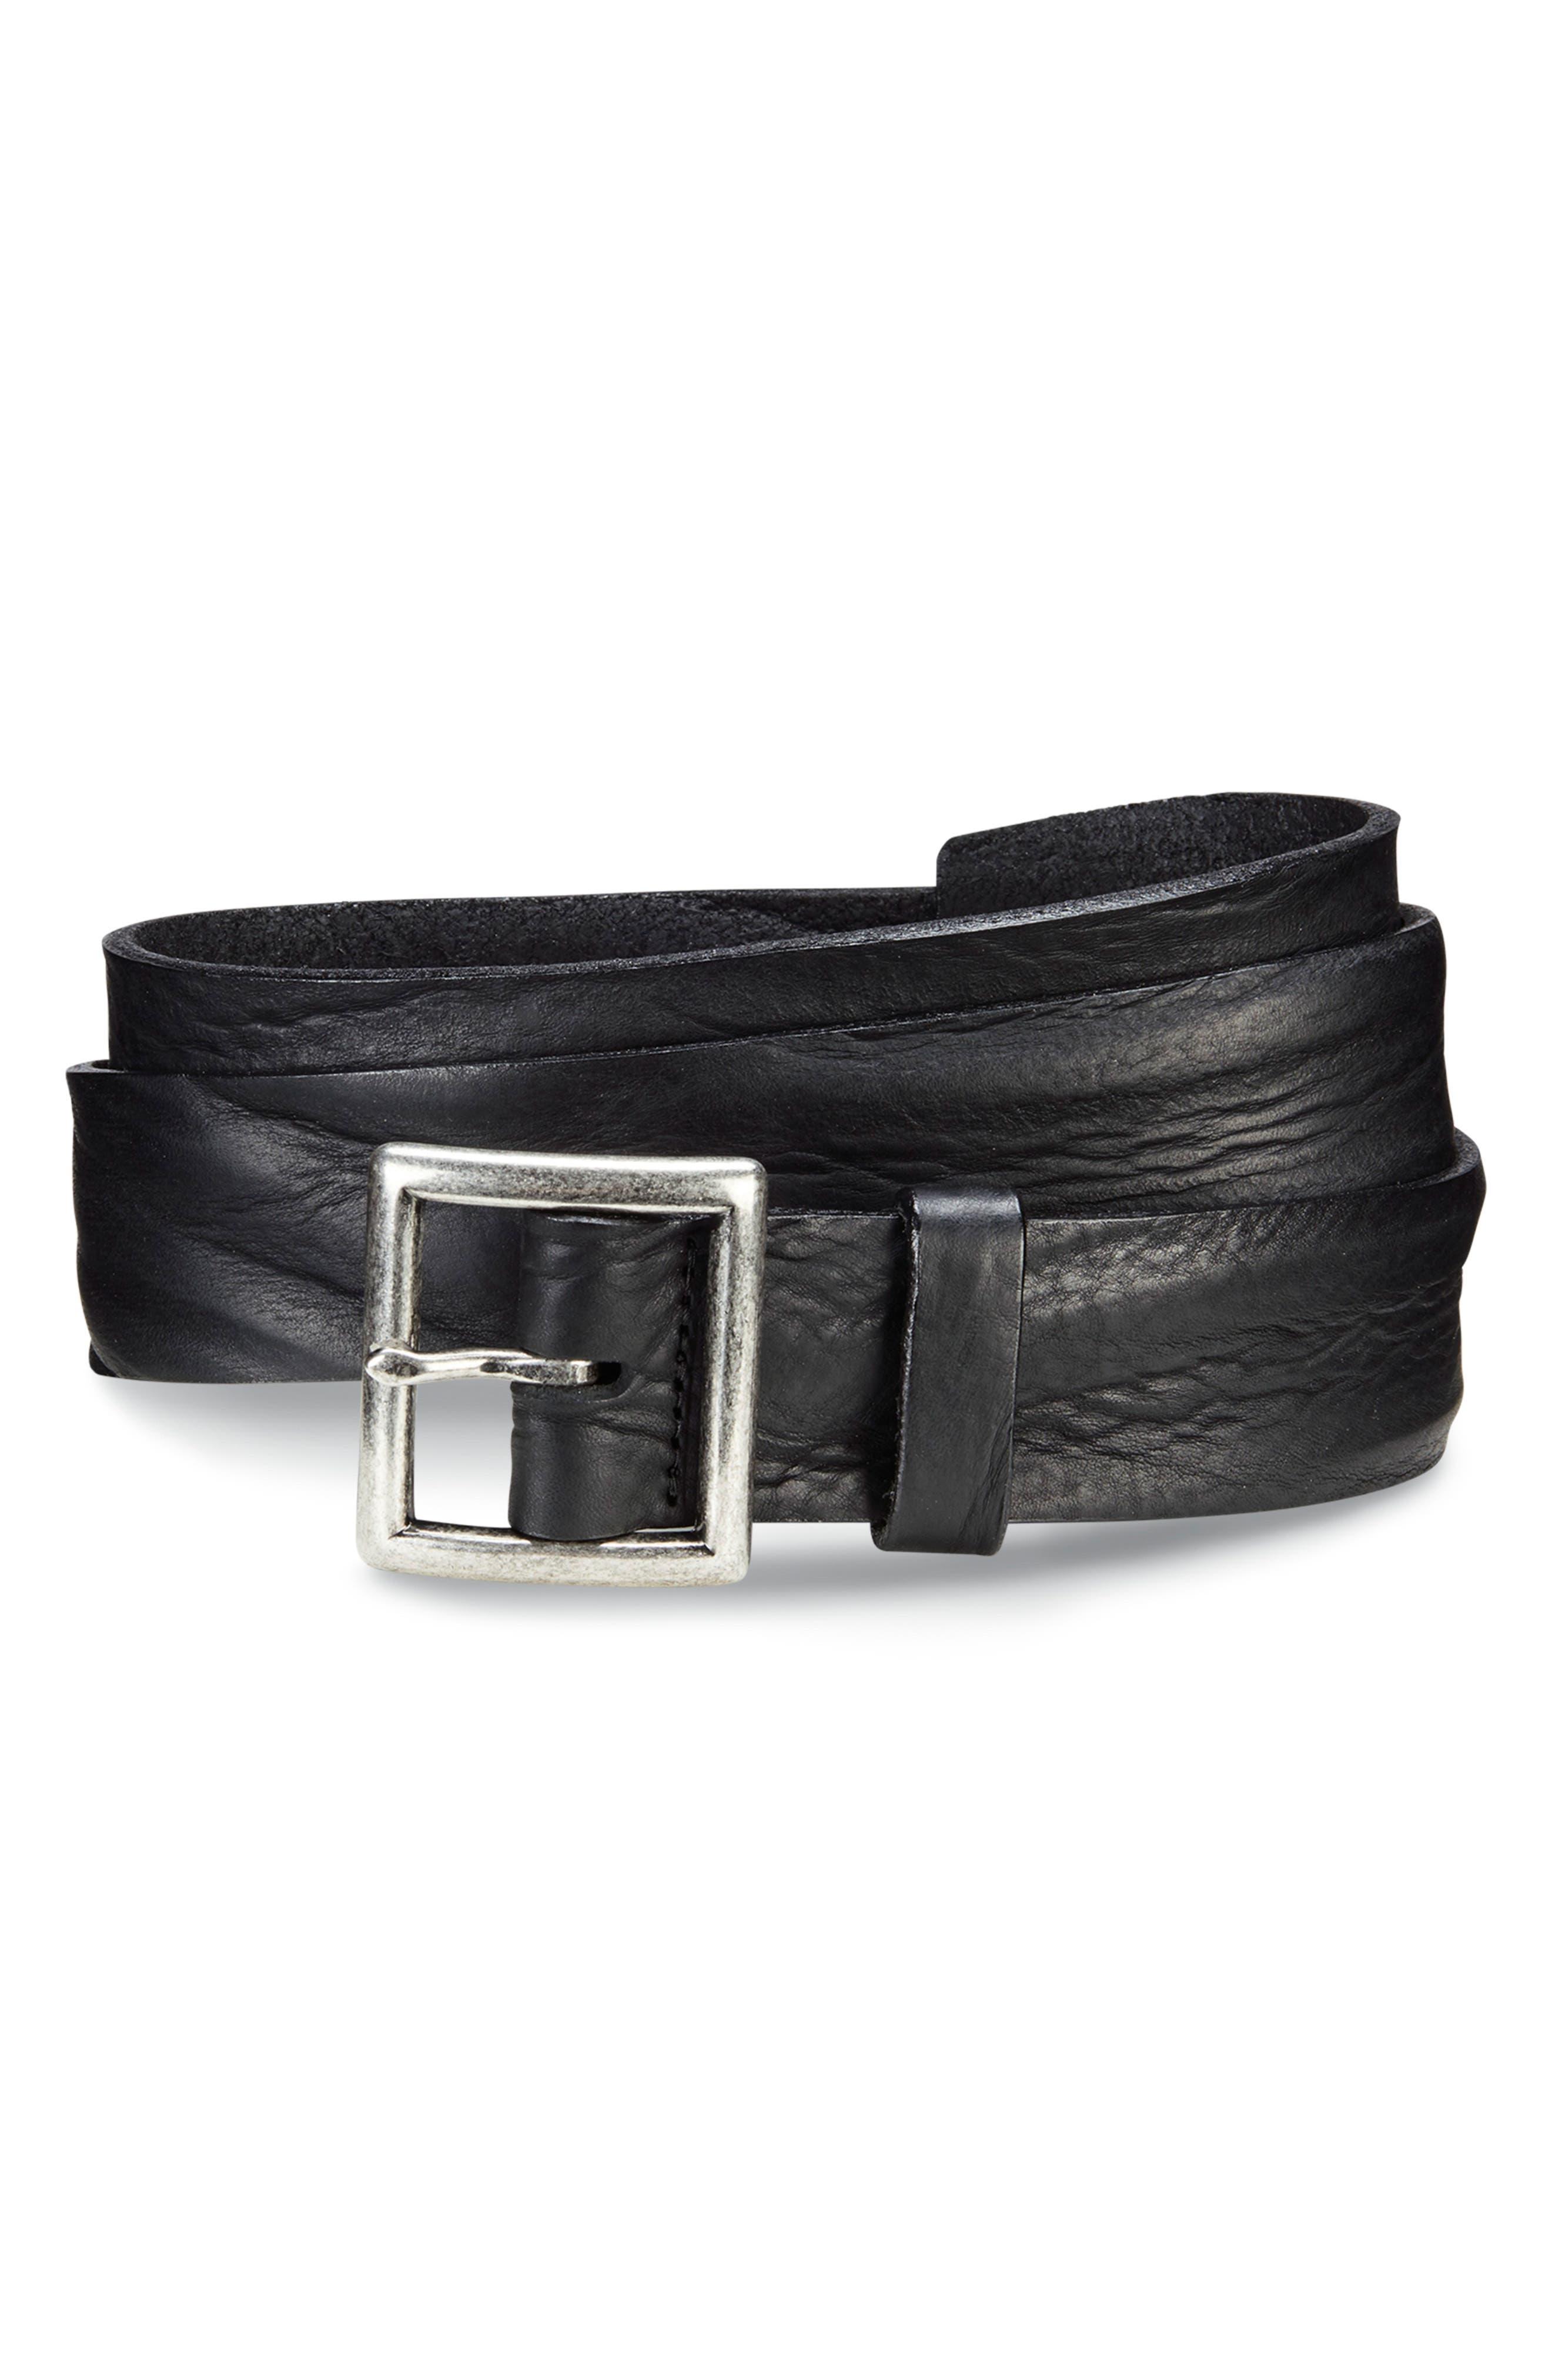 ALLEN EDMONDS, Radcliff Avenue Leather Belt, Main thumbnail 1, color, BLACK